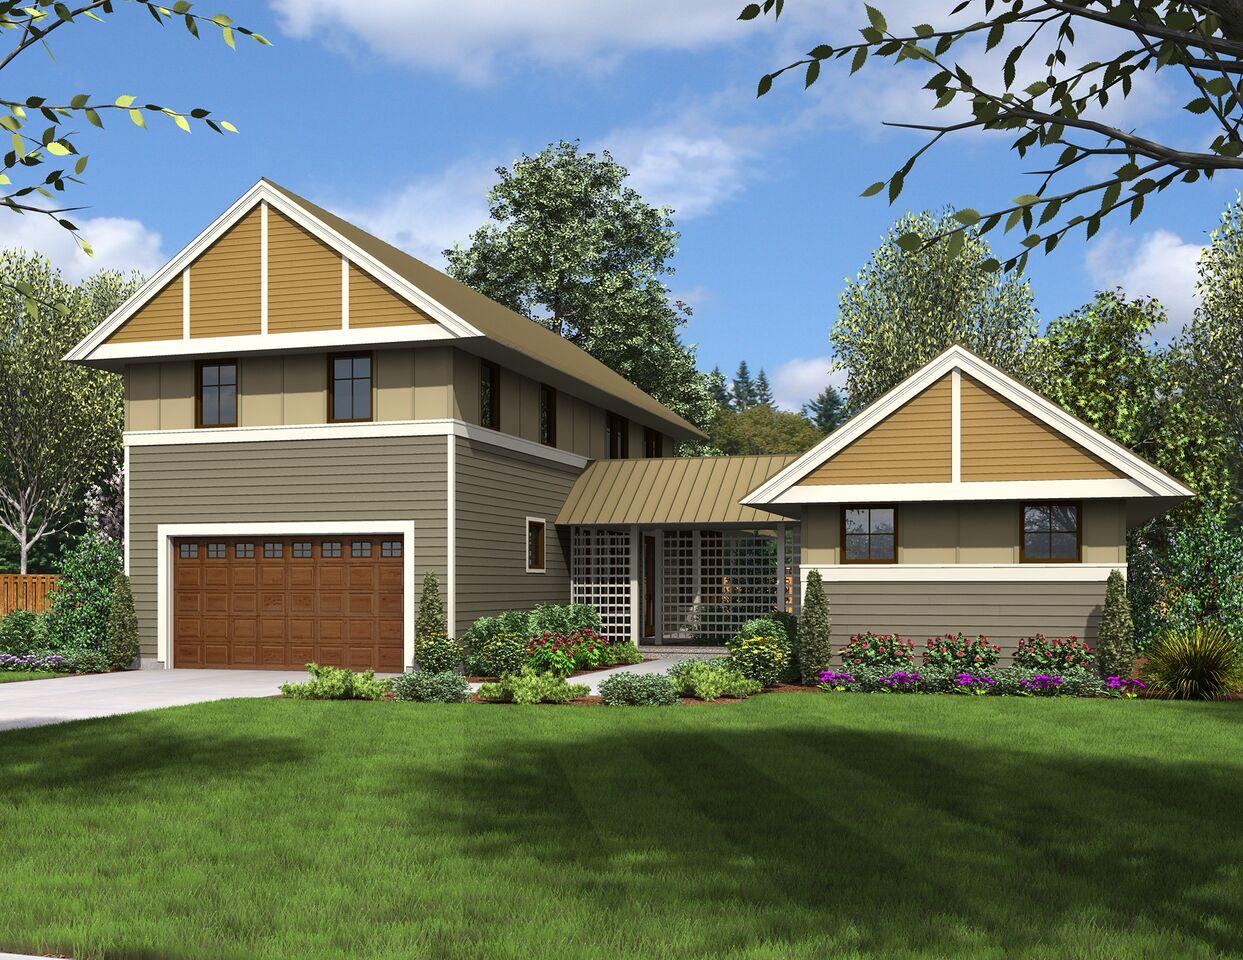 Unique Dog Trot House Plan - 69609am Architectural